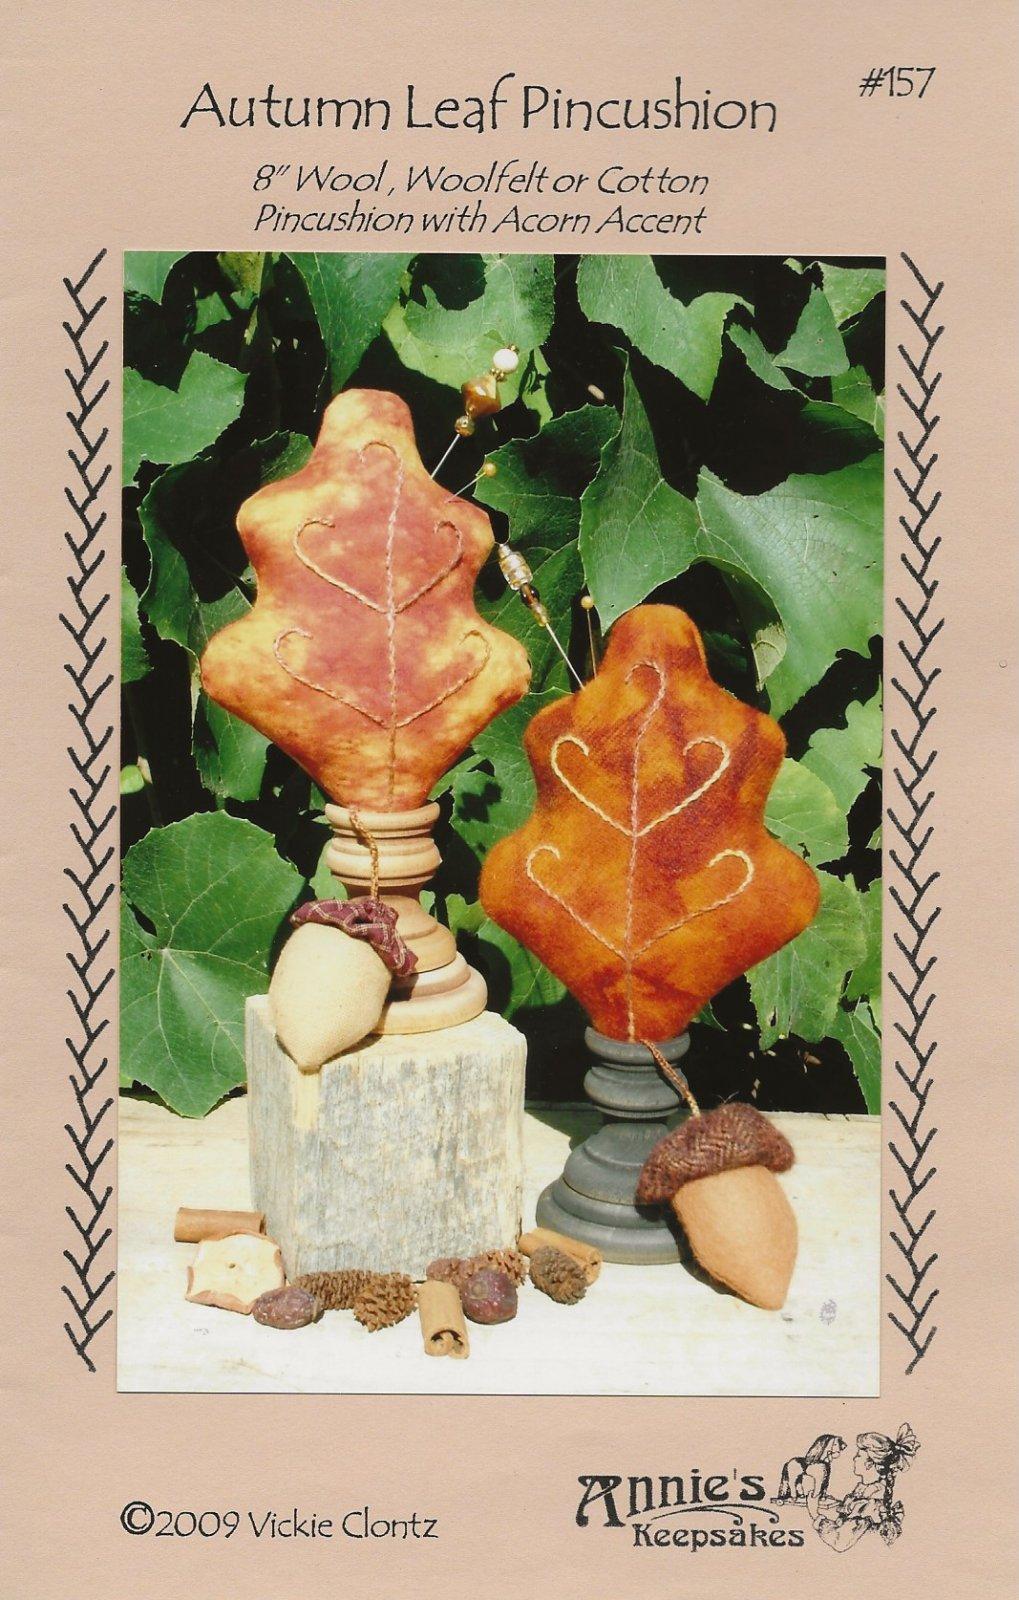 Autumn Leaf Pincushion